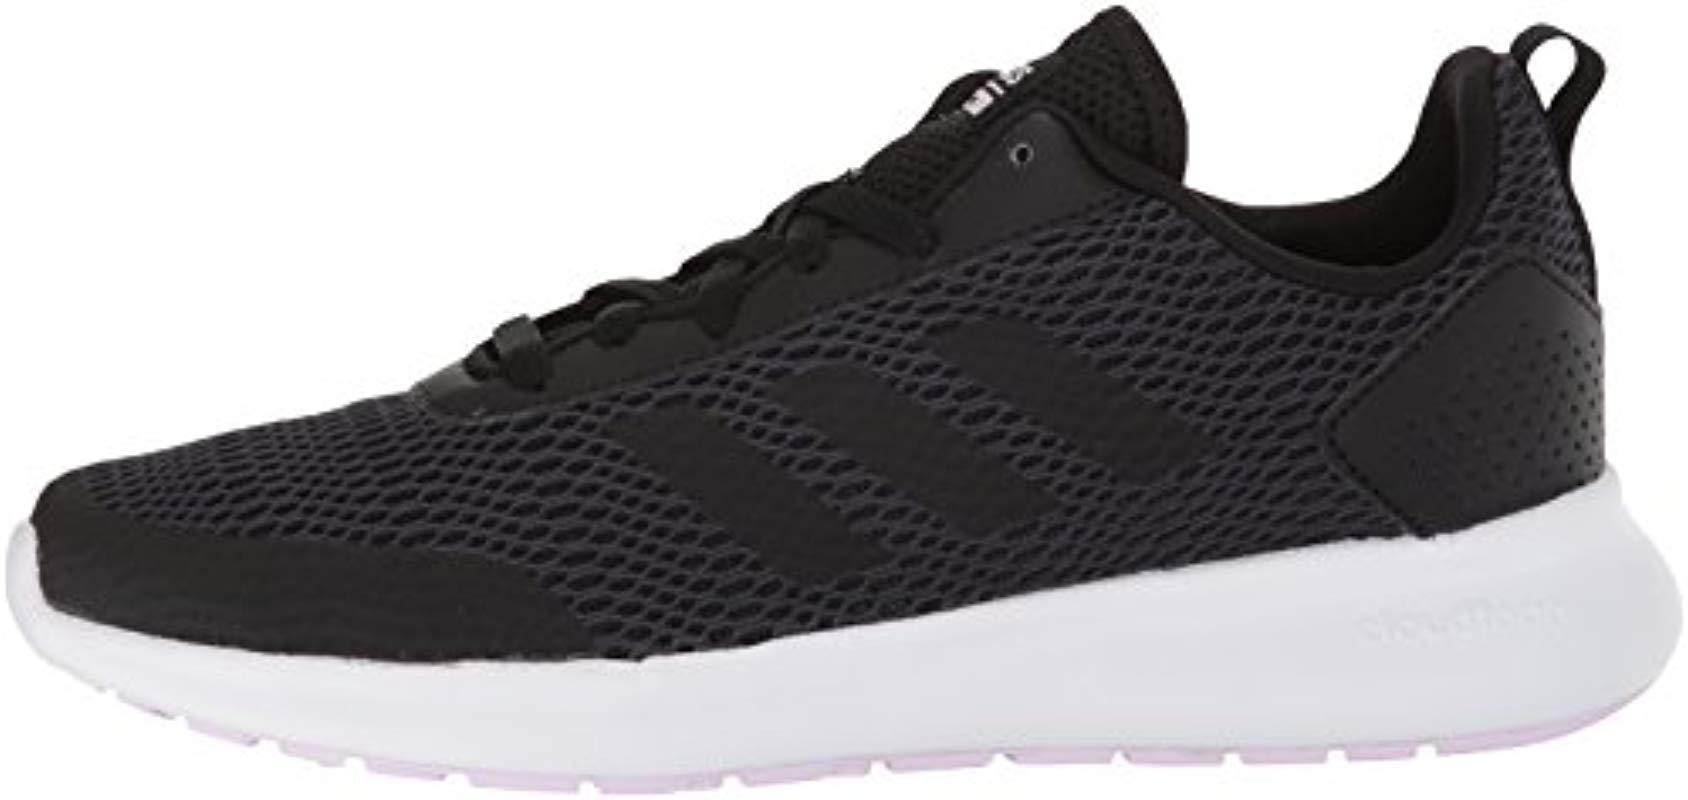 adidas Element Race Running Shoe, Blackcarbonaero Pink